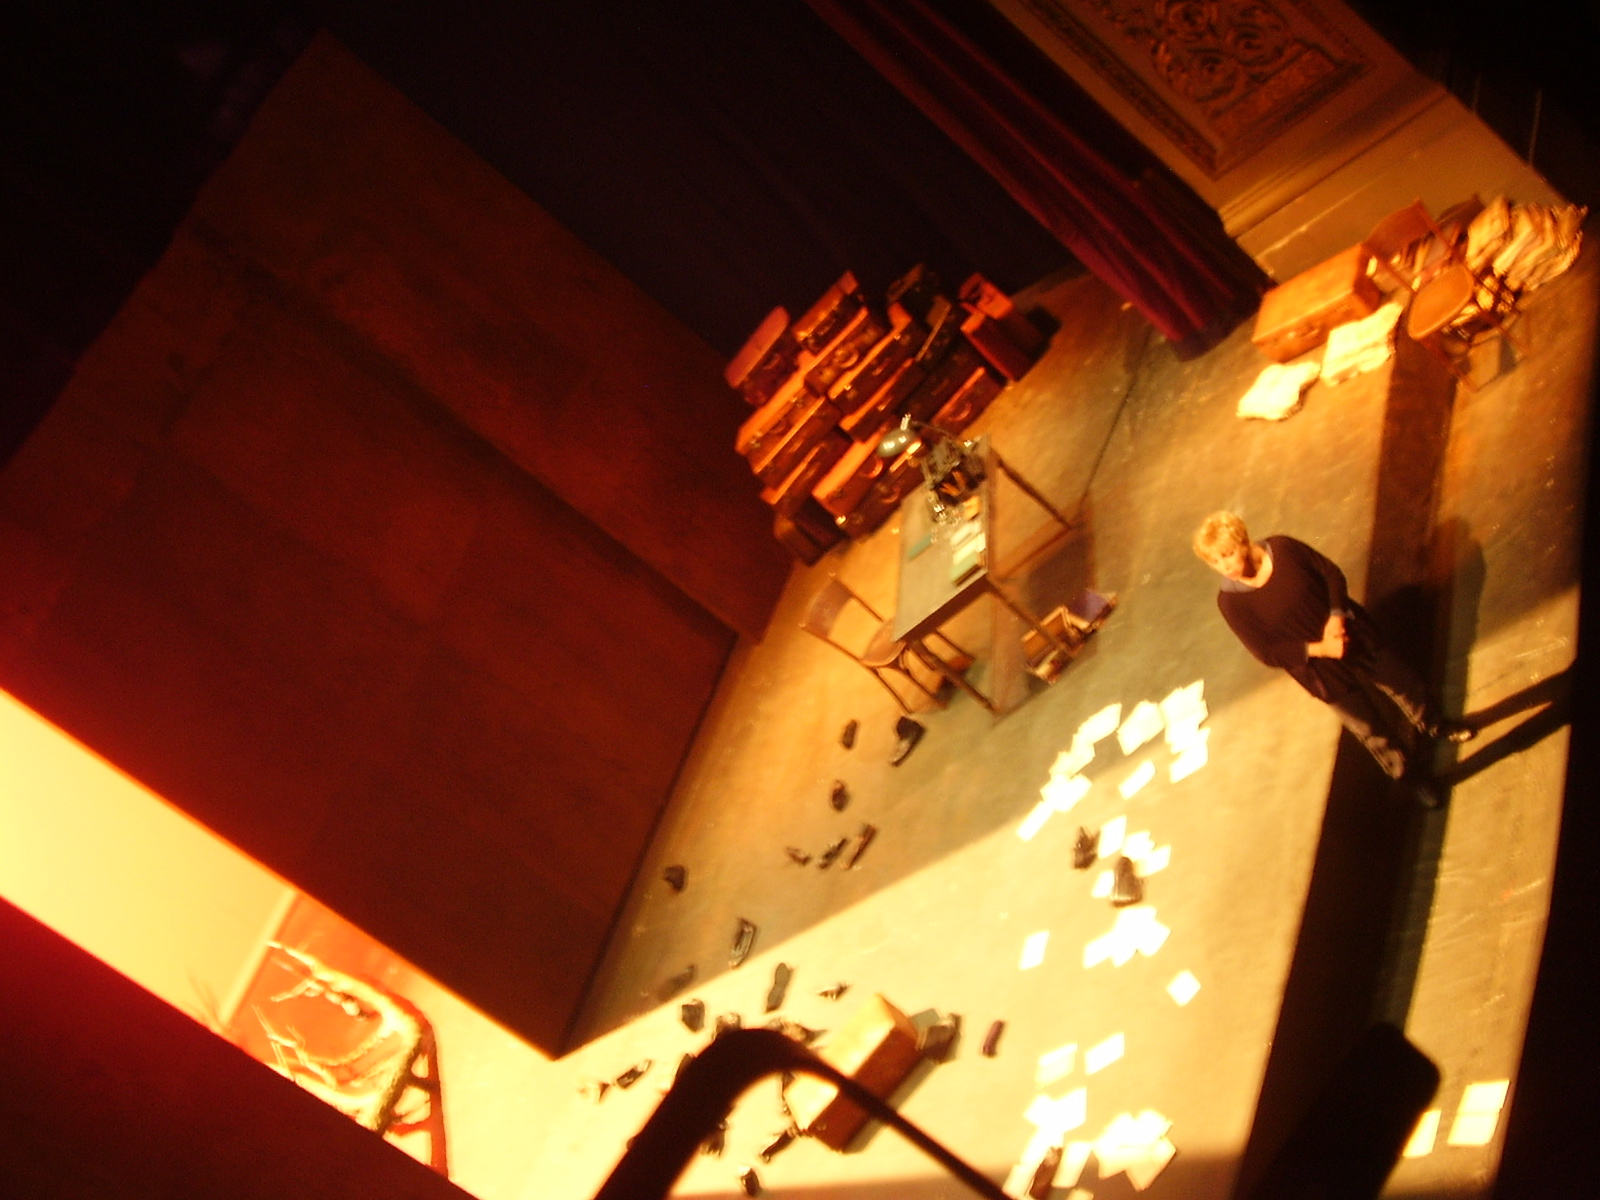 2013-01-11-Tratto dal romanzo autobiografico di Marguerite Duras.-SpettacoloMelatoprimaalTeatroValle11Maggio2010.JPG